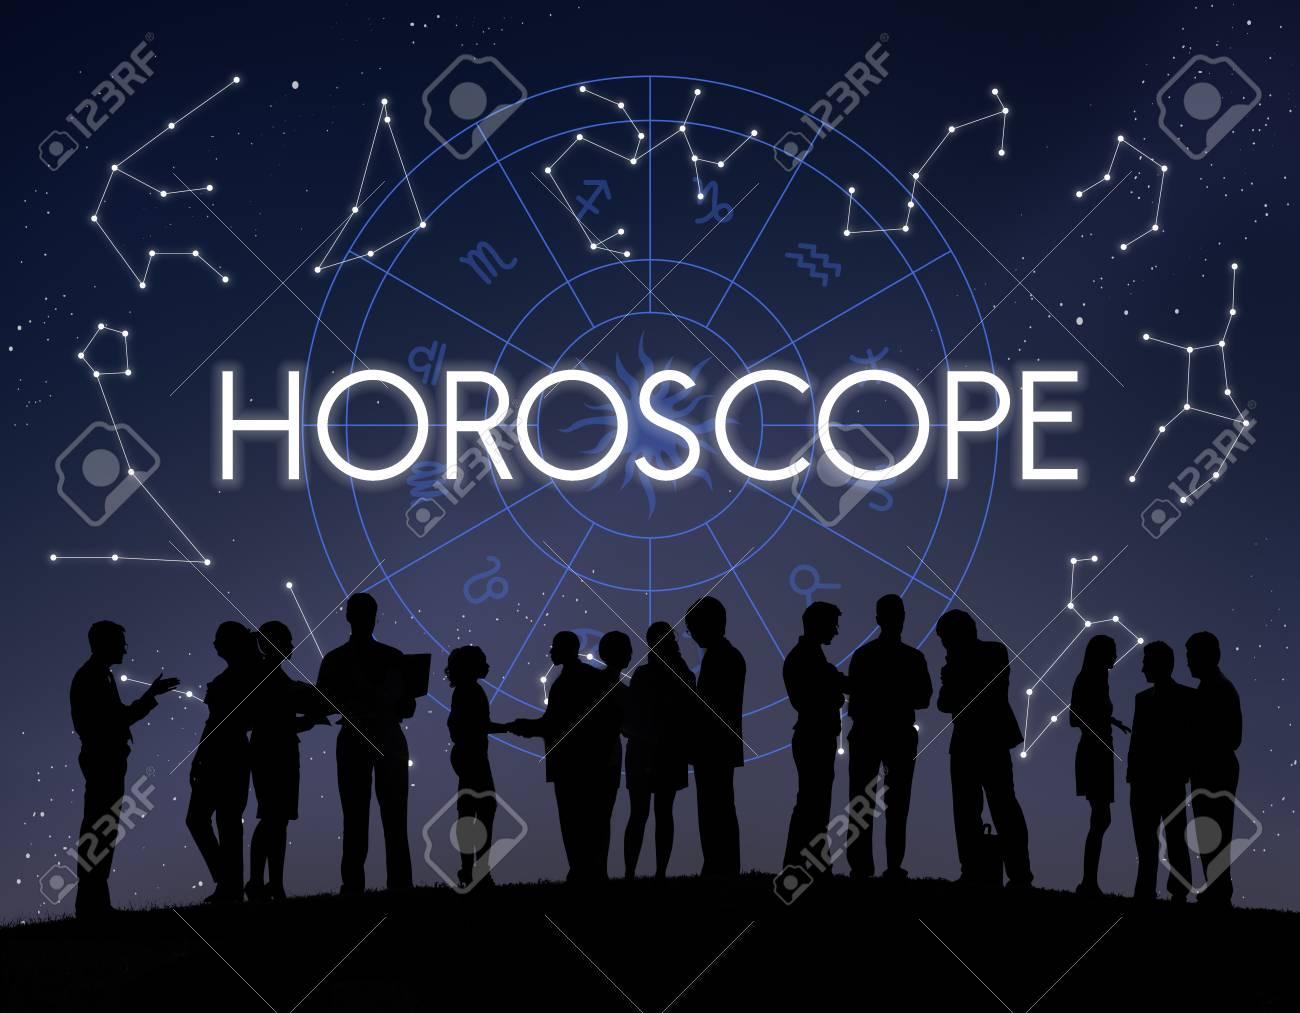 Calendario Oroscopo.Oroscopo Astral Calendario Previsione Futura Segni Concetto